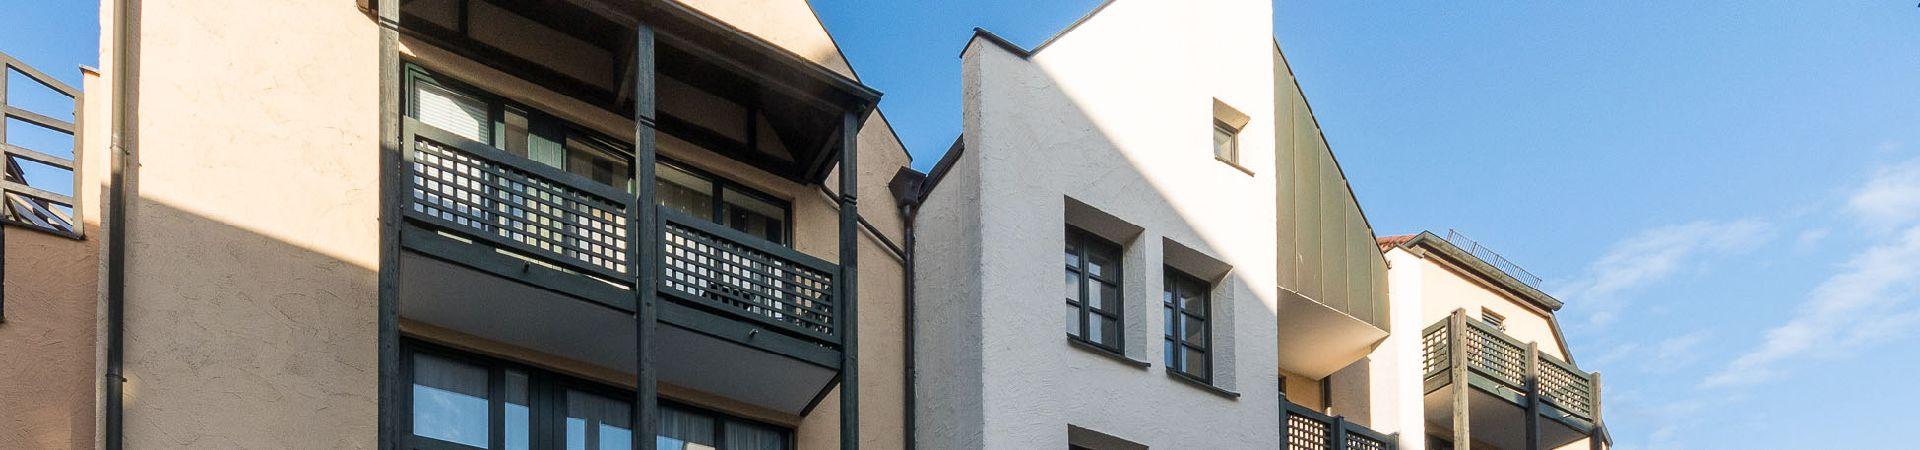 Warum Sie ihre Immobilien von uns verwalten lassen sollten: Wir haben Erfahrung bei der Hausverwaltu